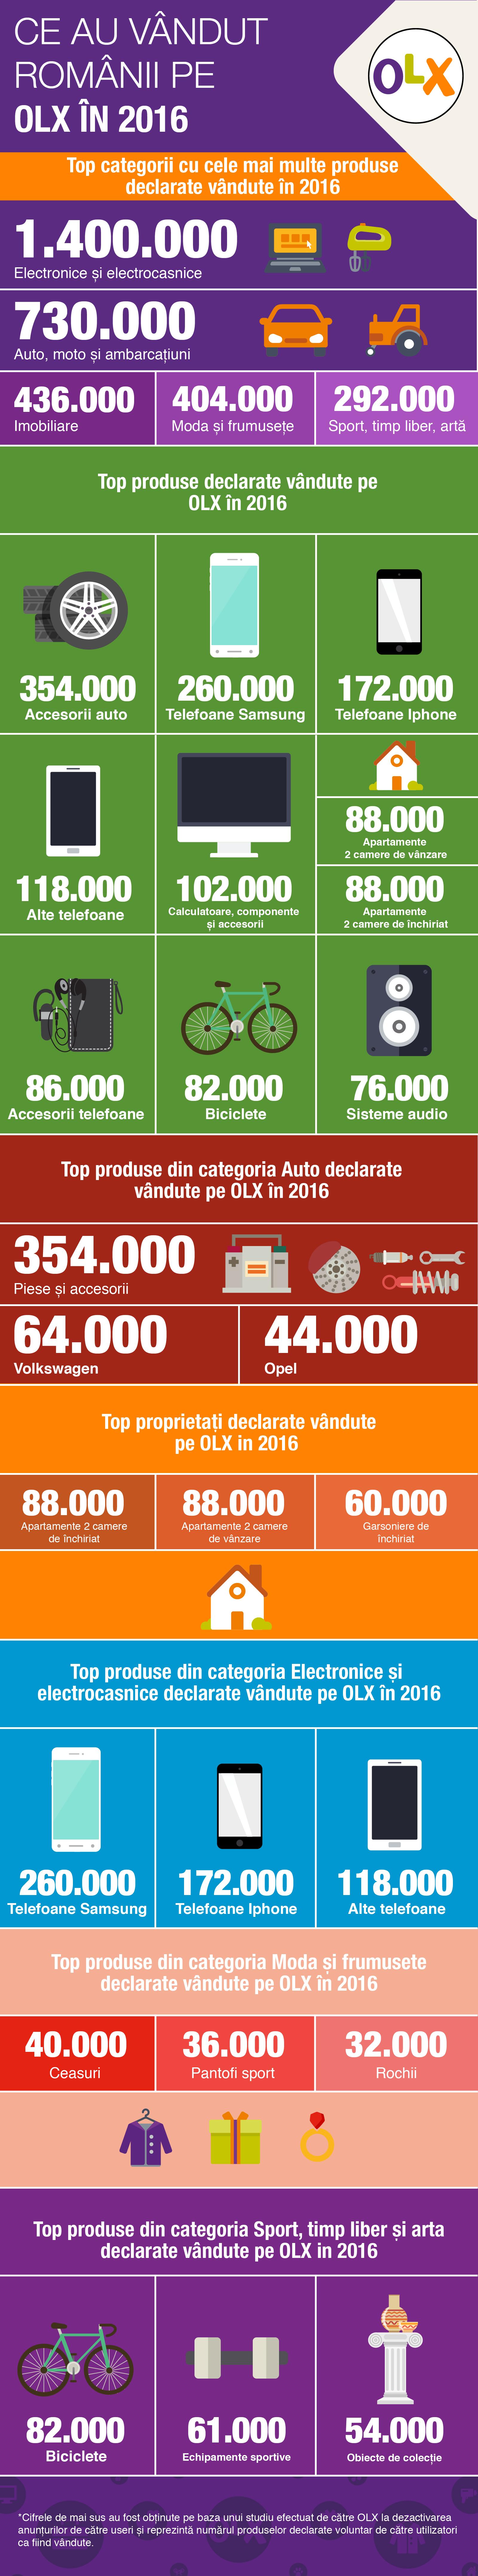 infographic_olx_2